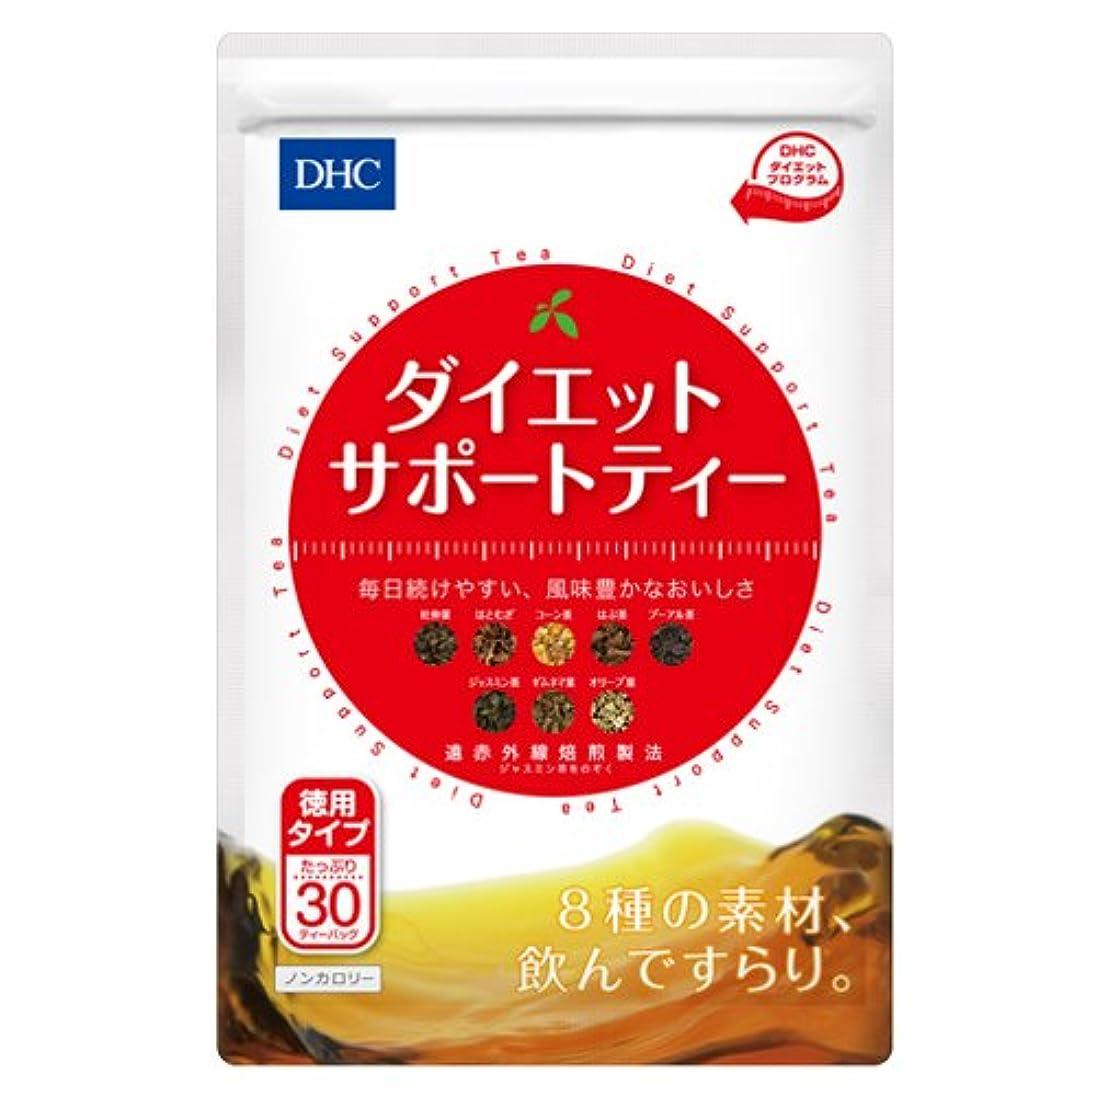 ピグマリオン形パッドDHC ダイエットサポートティー (30ティーバッグ入)